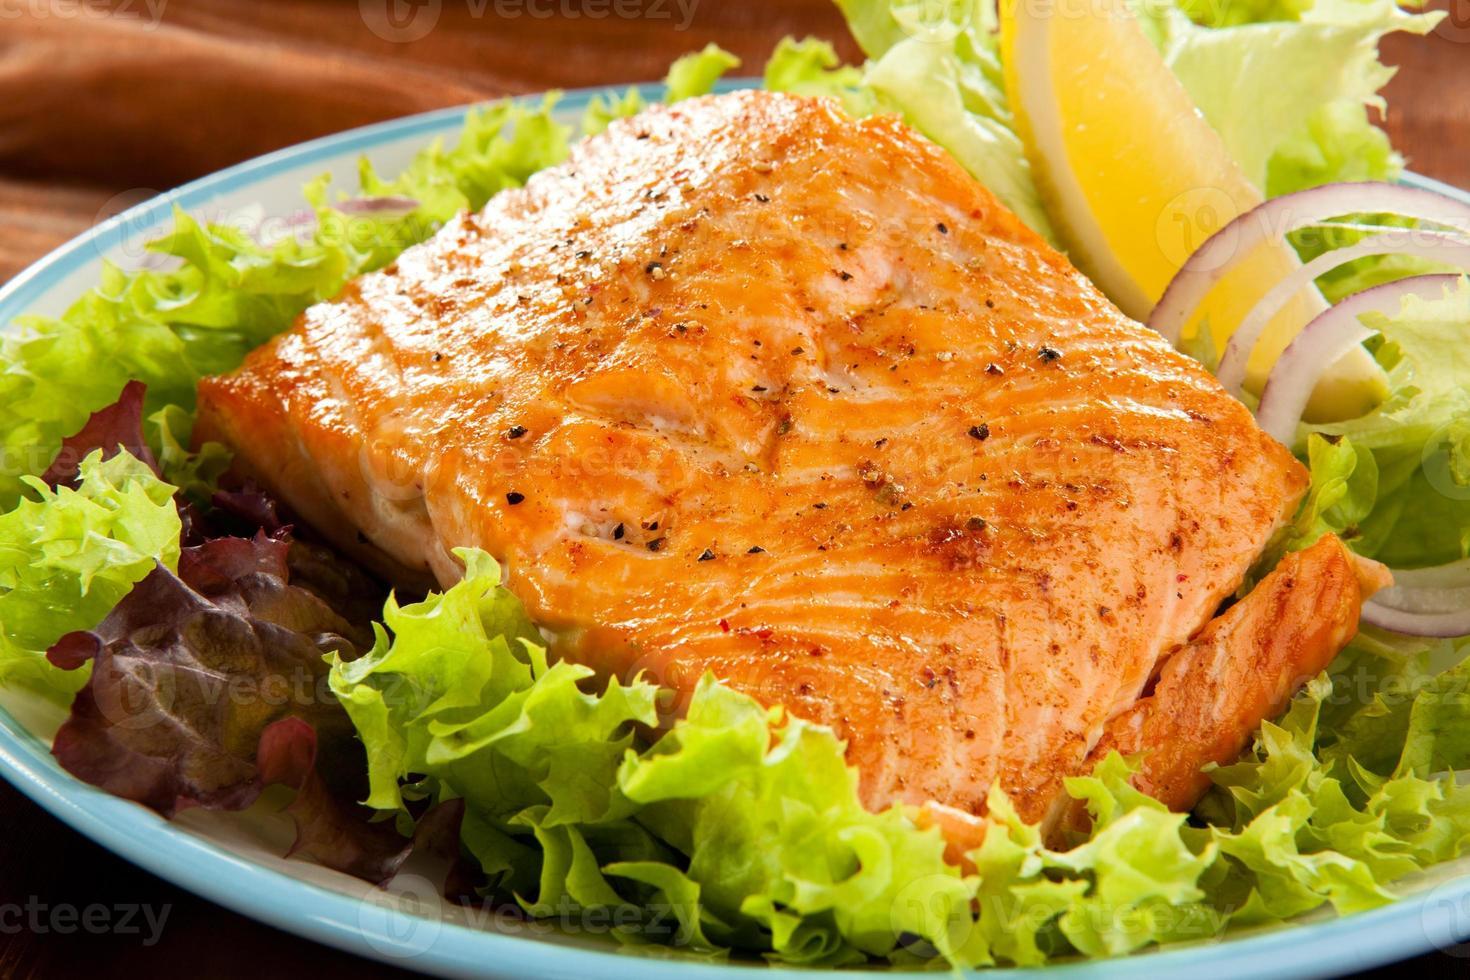 saumon frais sur un tas de laitue photo